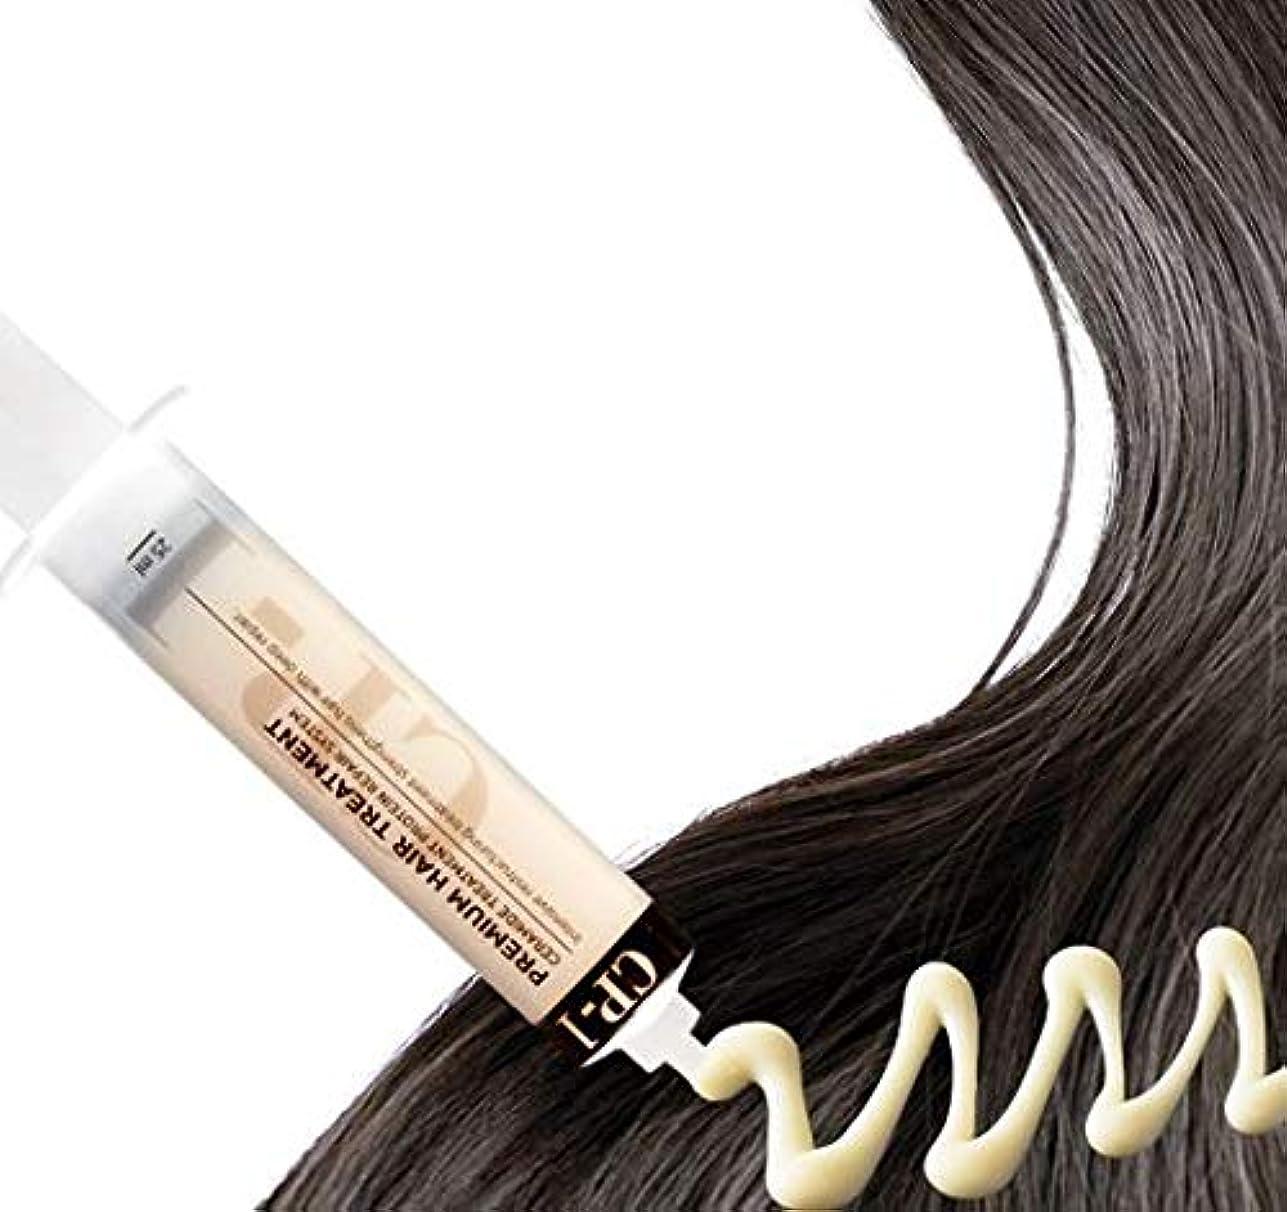 よろめく例外露出度の高いCP-1 Premium Hair Treatment 25ml [並行輸入品]